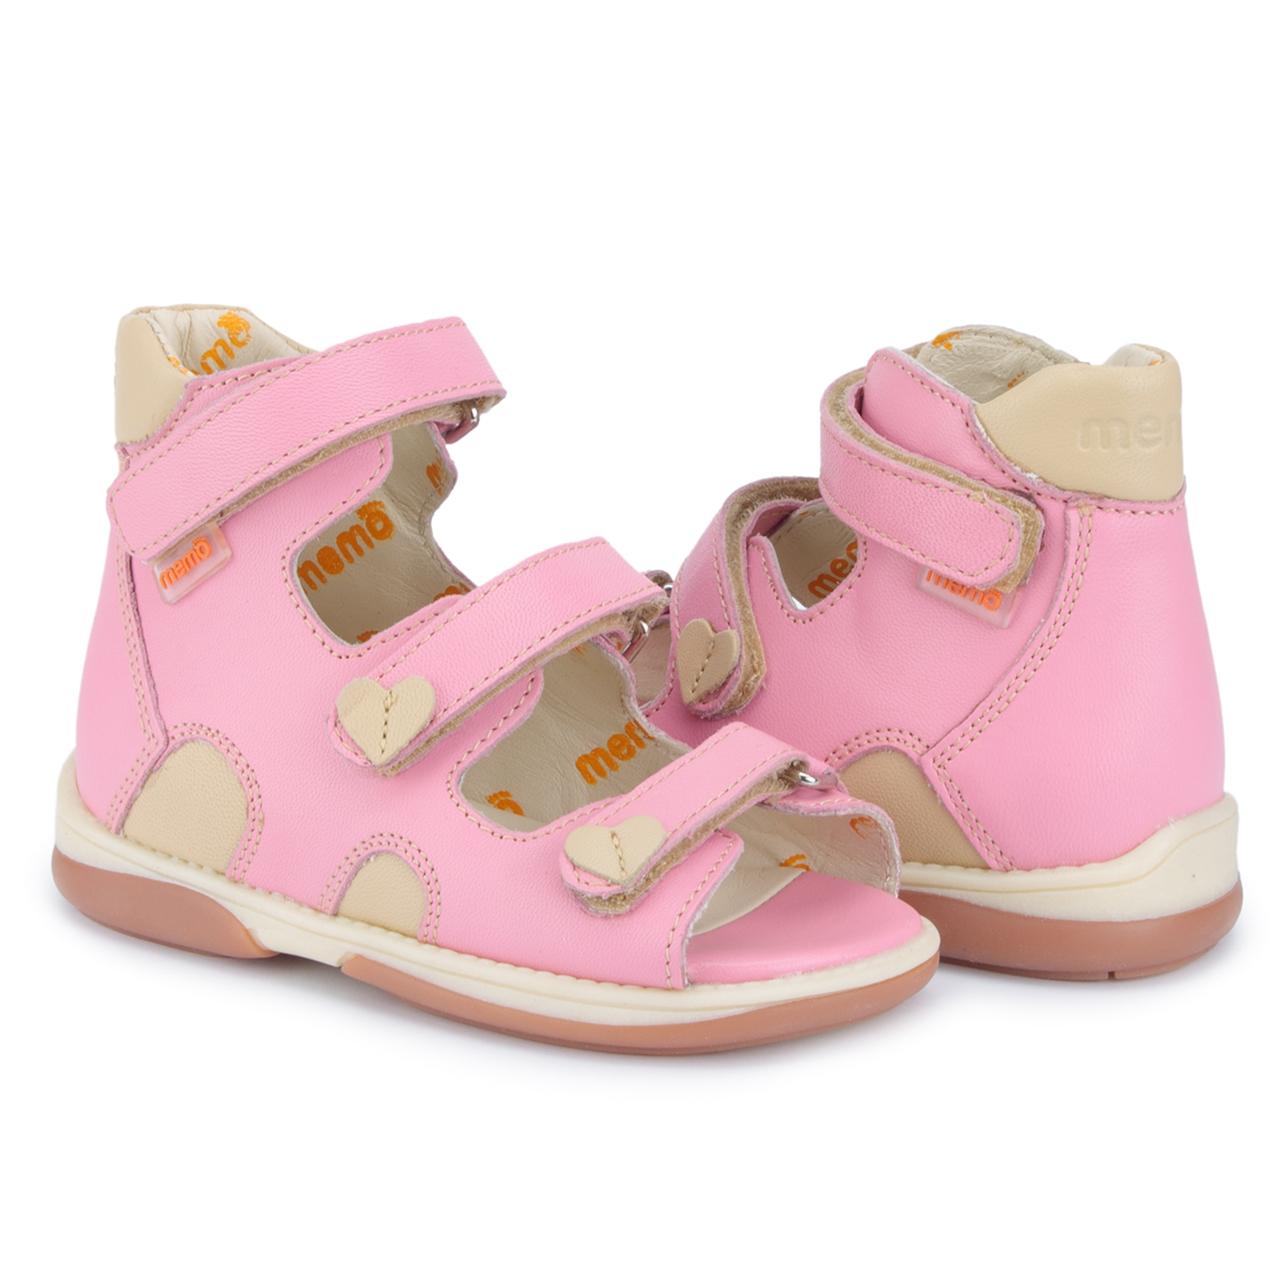 Memo Shoes. Memo Atena Pink Sandals